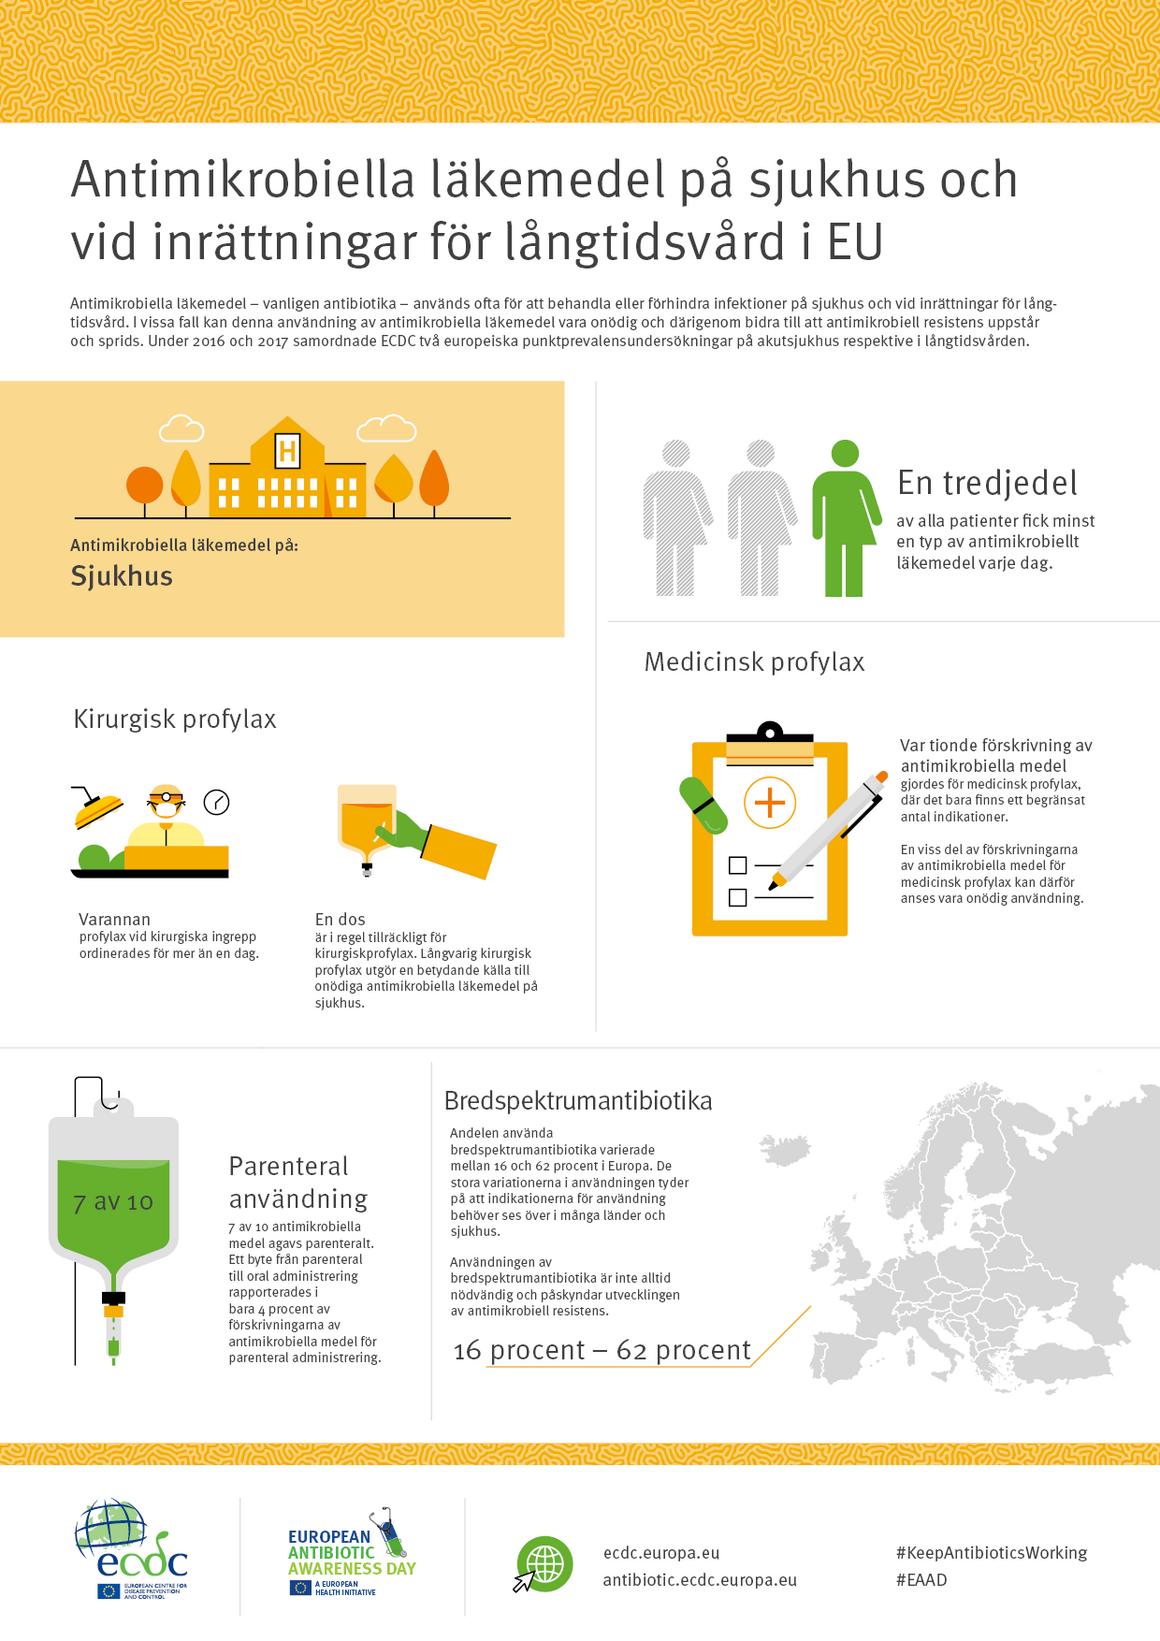 Antimikrobiella läkemedel på sjukhus och vid inrättningar för långtidsvård i EU